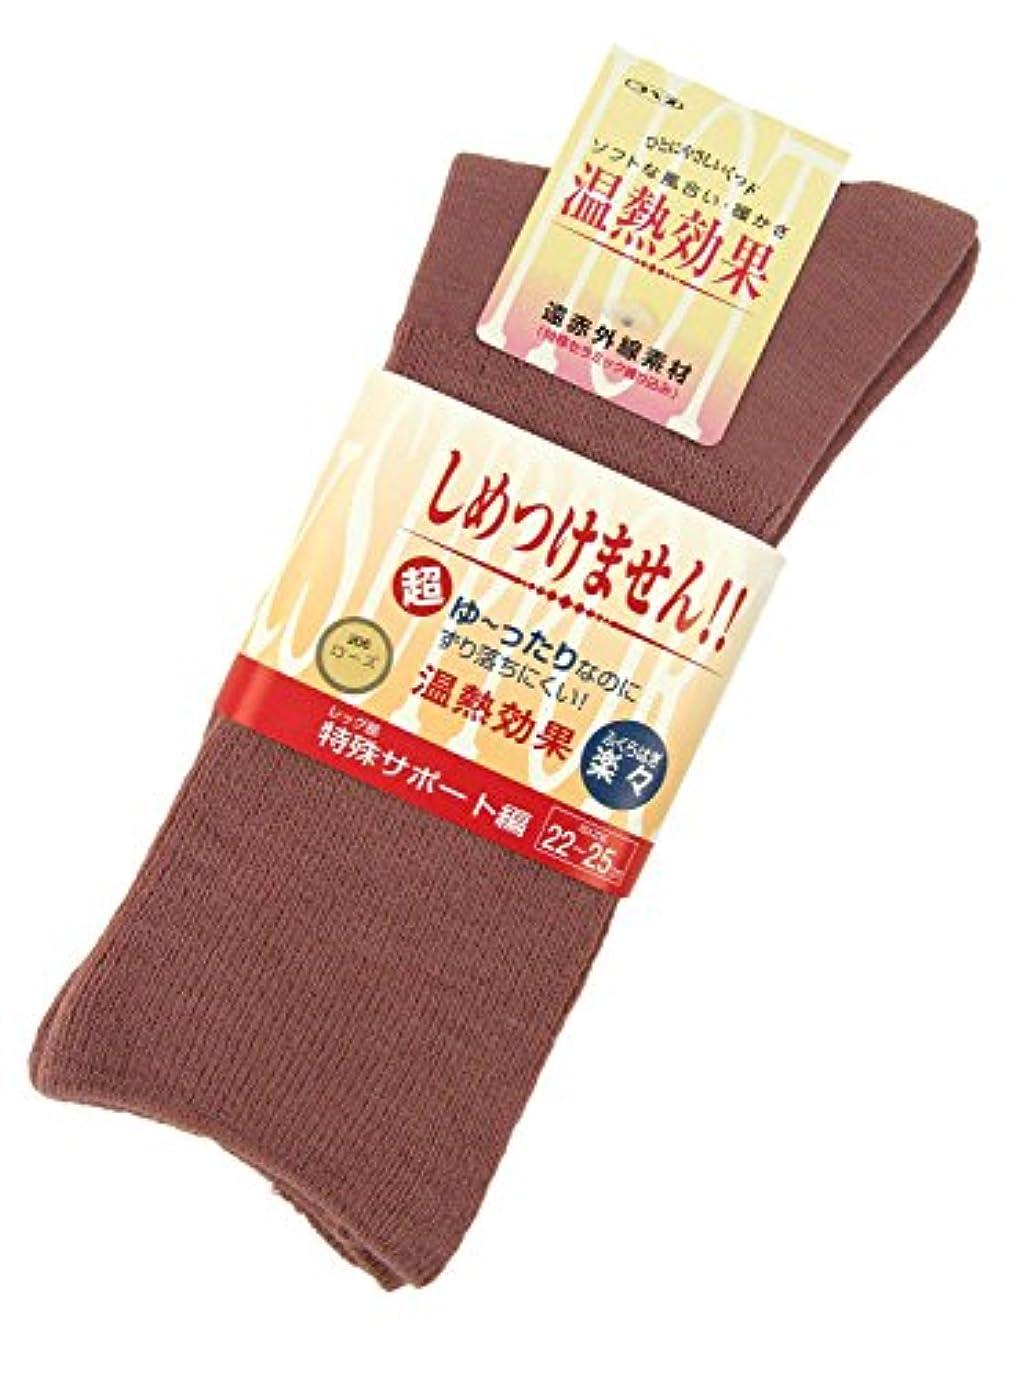 クローン拒絶する反対する神戸生絲 ふくらはぎ楽らくソックス 婦人 秋冬用 ローズ 3900 ローズ